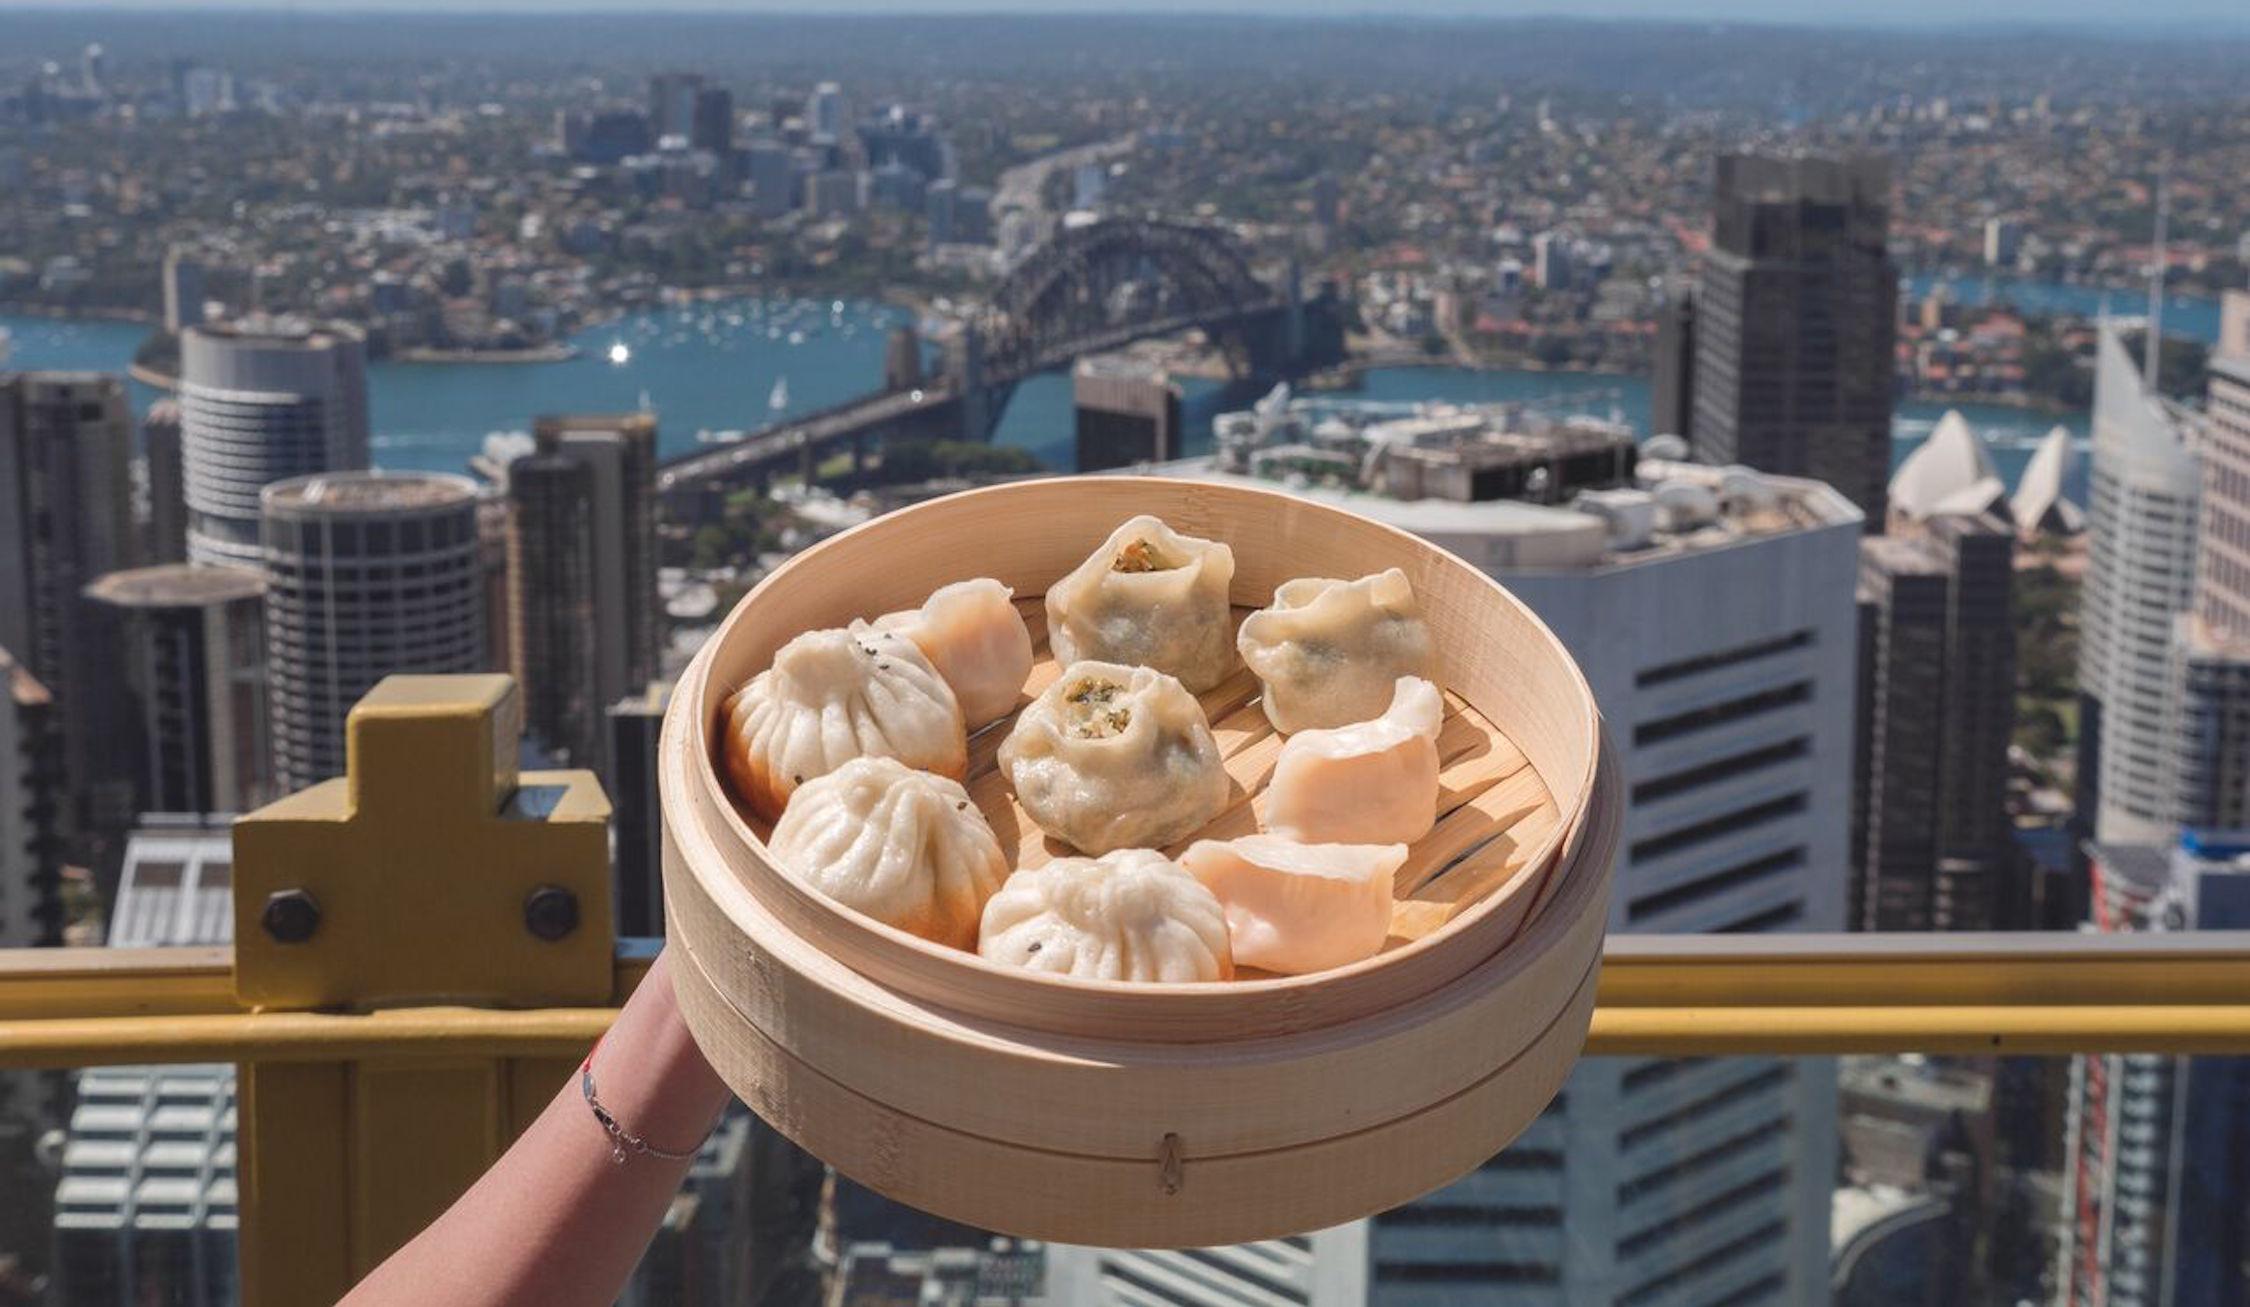 Dumplings in the Sky